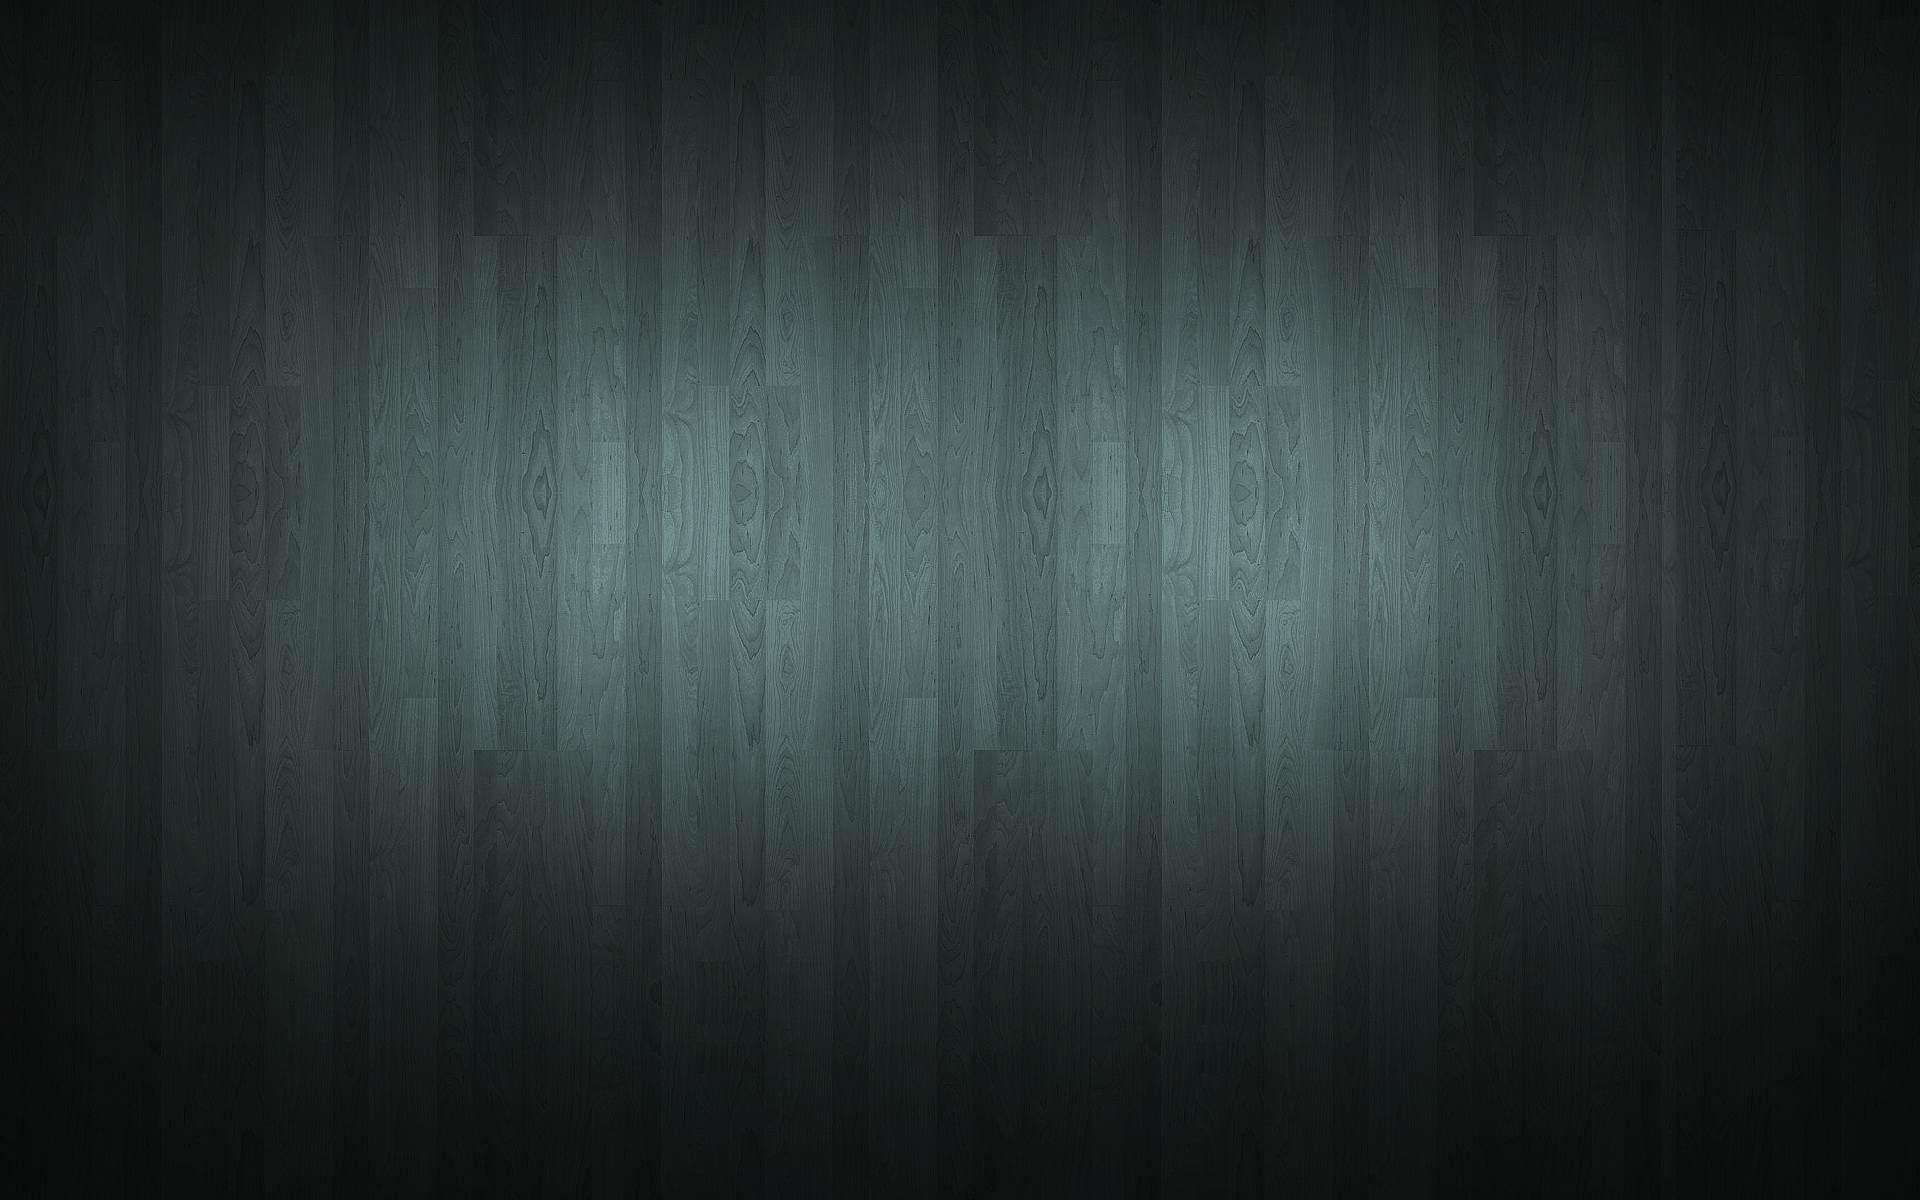 ce849a762792 black_1920x1200.jpg 24-Aug-2013 05:47 163K ...